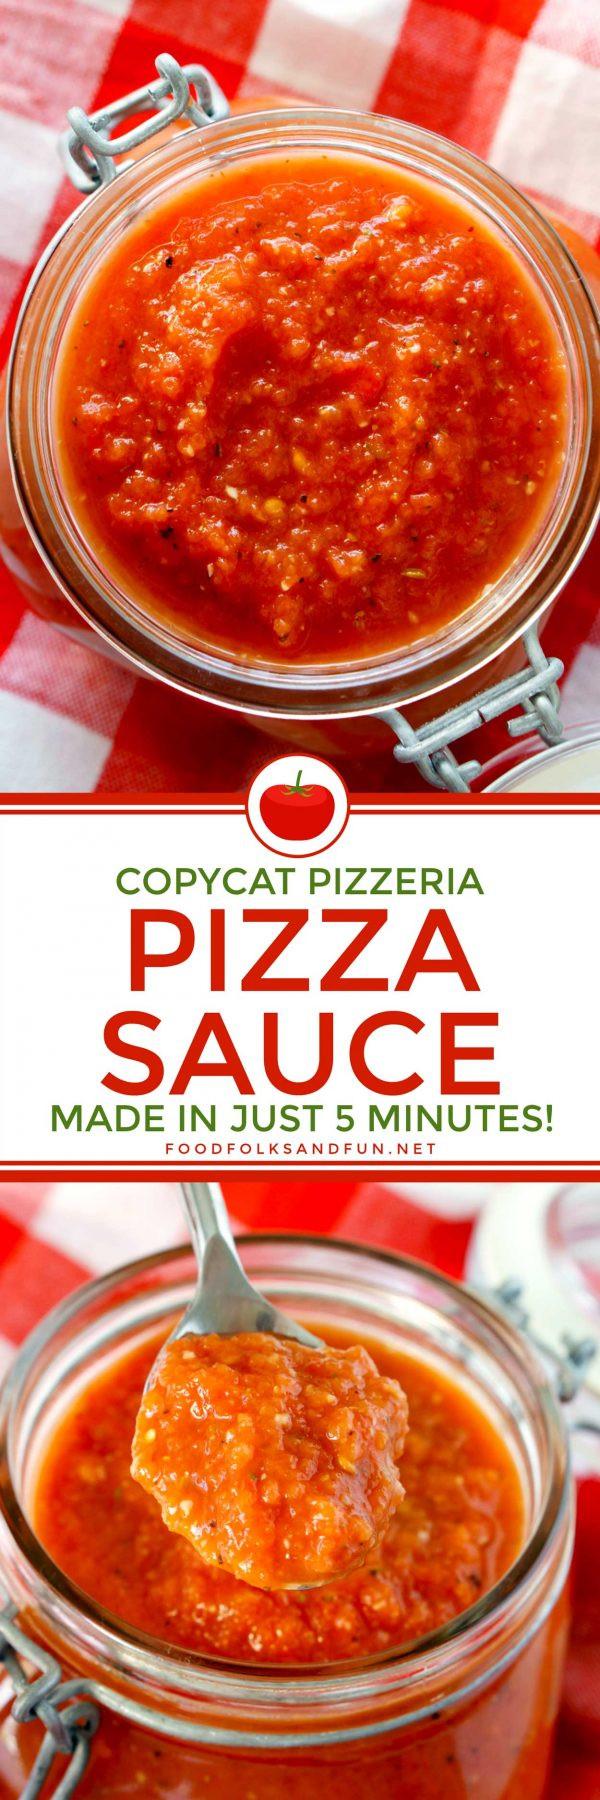 Italian Pizza Sauce Recipe  Copycat Pizzeria Pizza Sauce Recipe • Food Folks and Fun